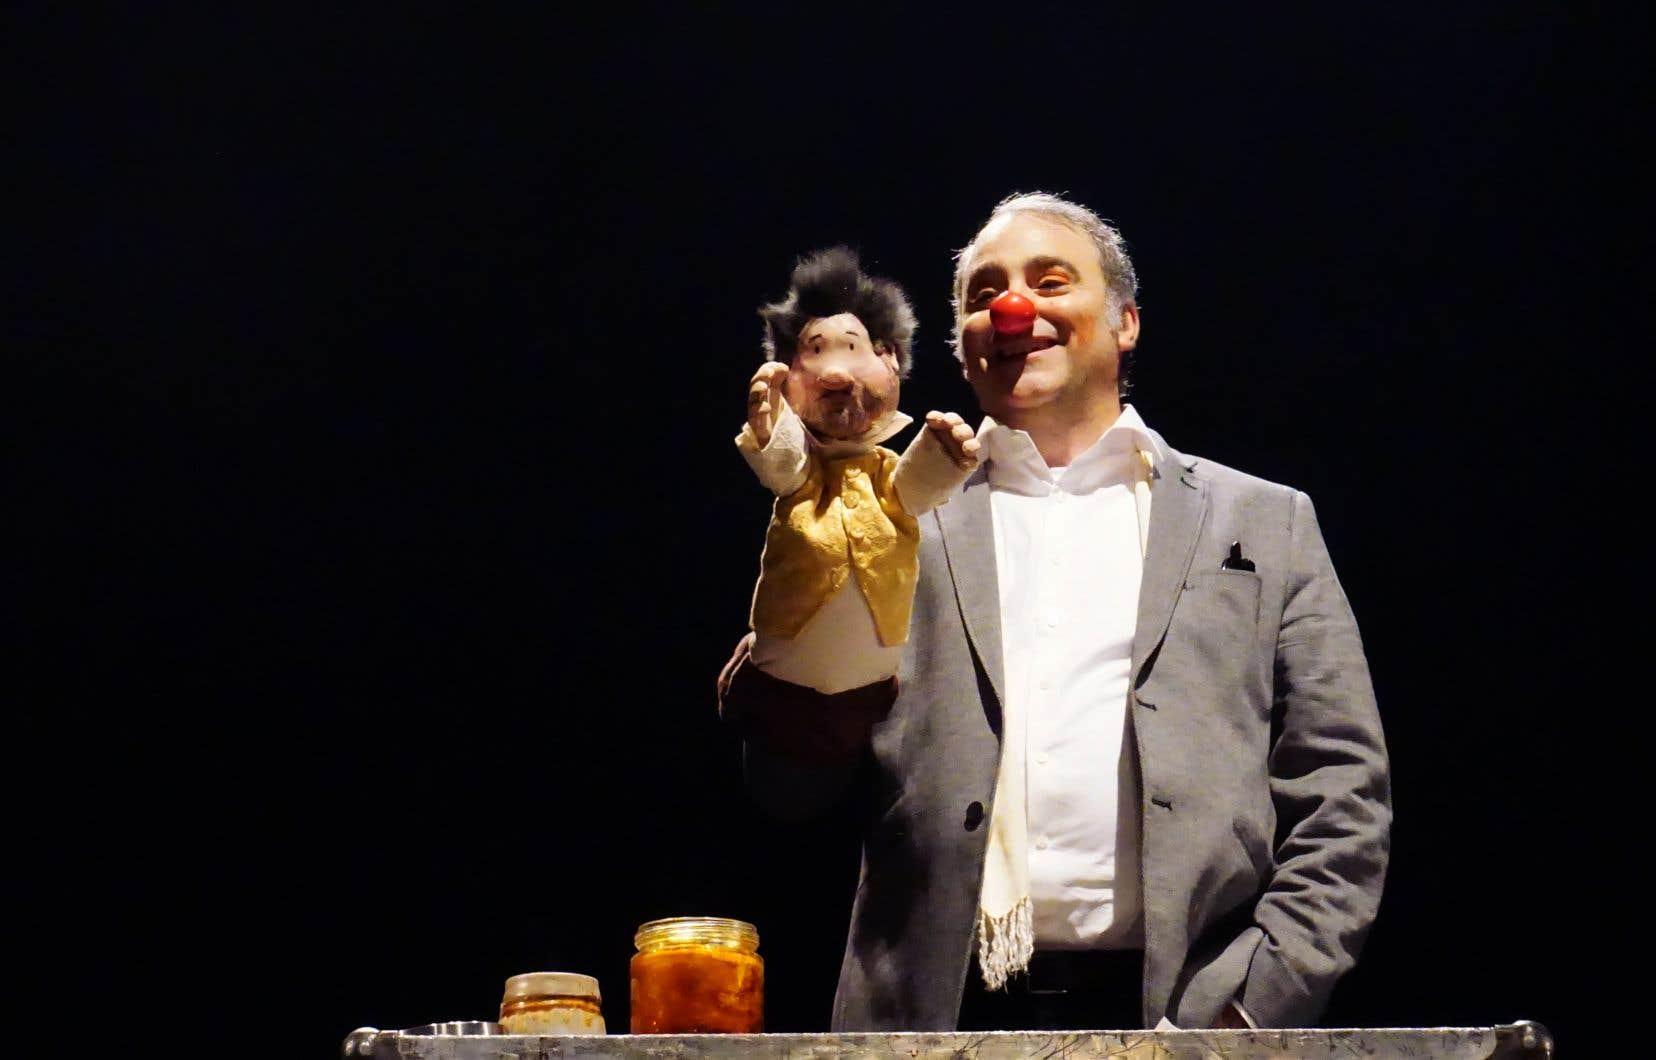 Le directeur artistique du Théâtre de la Petite Marée, Jacques Laroche, dans «Don qui quoi !?!», un hommage à la littérature, à l'Espagne, à la liberté et au théâtre